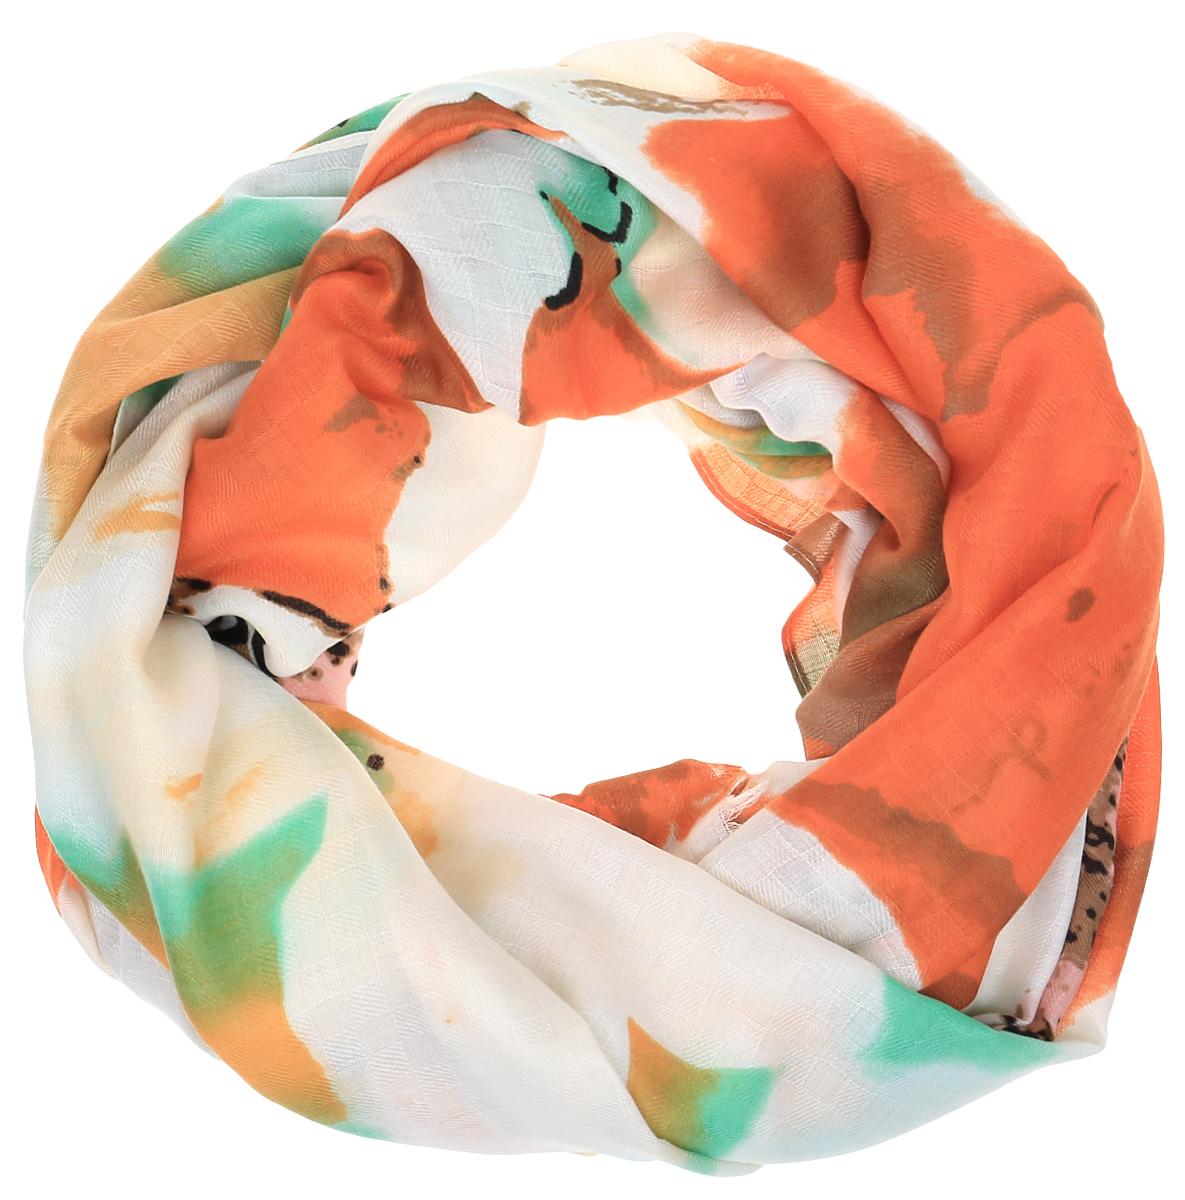 Палантин Sophie Ramage, цвет: зеленый, оранжевый. YY-21665-25. Размер 100 см х 200 смYY-21665-25Элегантный палантин Sophie Ramage станет достойным завершением вашего образа. Палантин изготовлен из высококачественного модала. Оформлена модель стильным цветочным принтом. Палантин красиво драпируется, он превосходно дополнит любой наряд и подчеркнет ваш изысканный вкус. Легкий и изящный палантин привнесет в ваш образ утонченность и шарм.